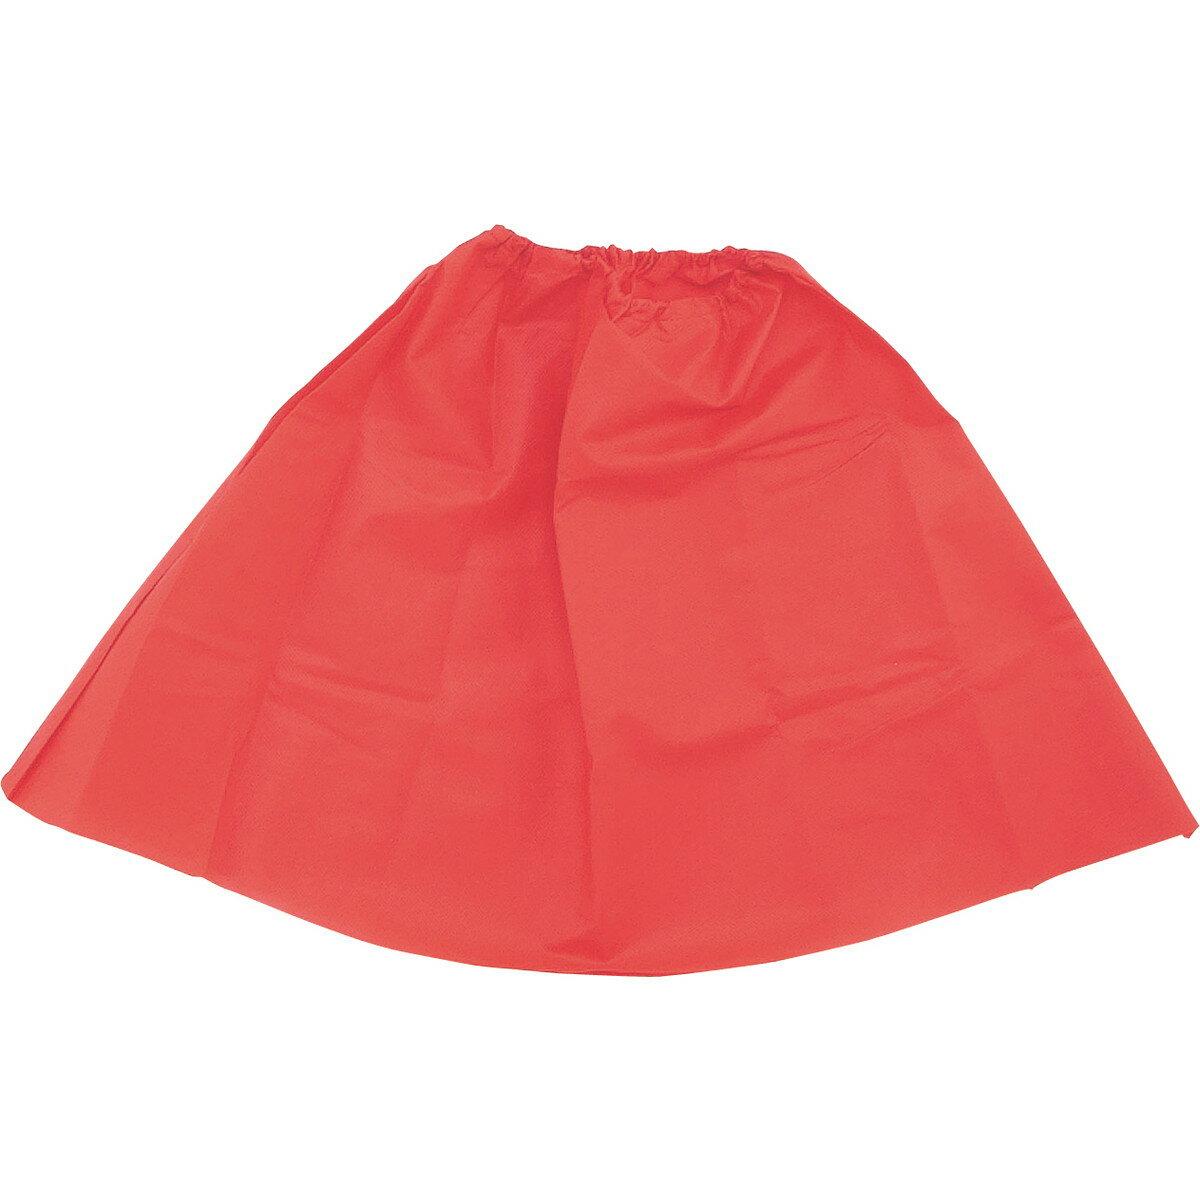 Artec(アーテック) 衣装ベース マント・スカート 赤 #1955